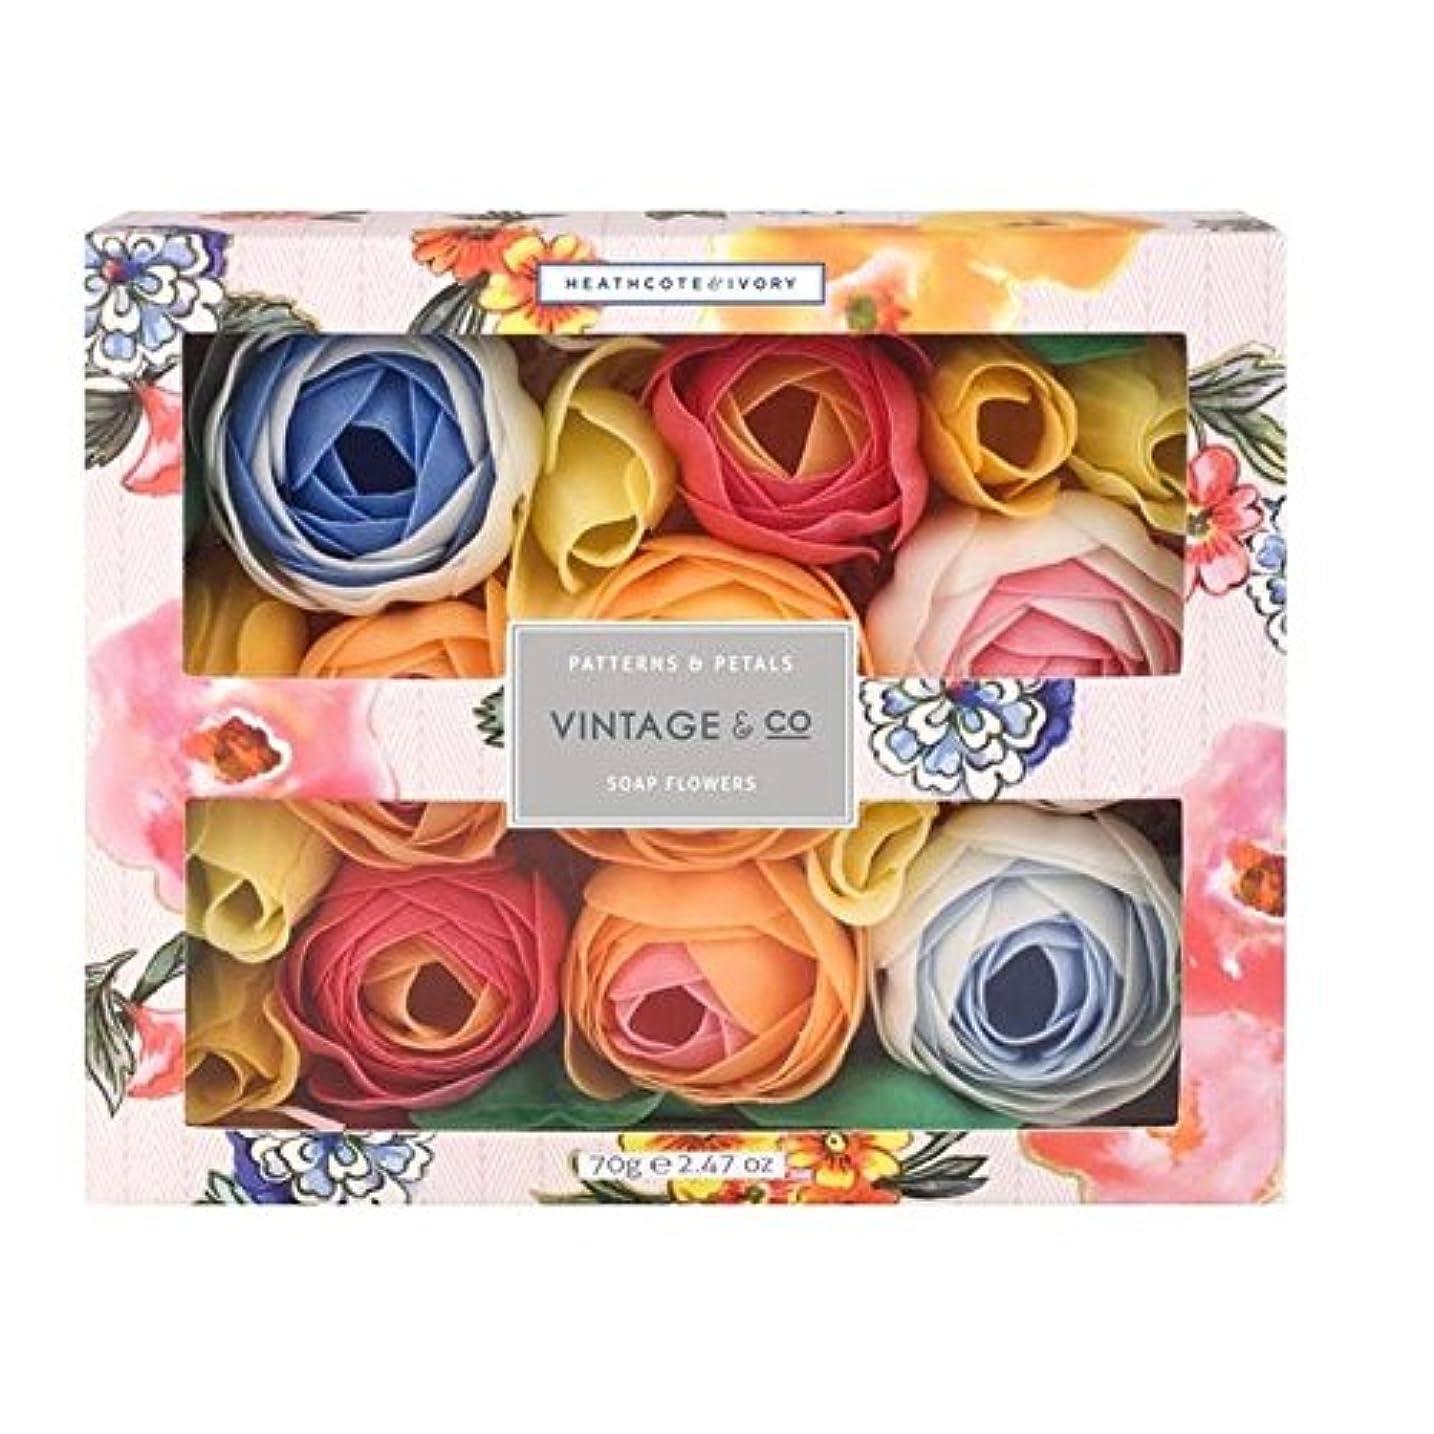 知性技術的なきょうだいHeathcote & Ivory Patterns & Petals Soap Flowers 70g - ヒースコート&アイボリーパターン&花びら石鹸の花70グラム [並行輸入品]